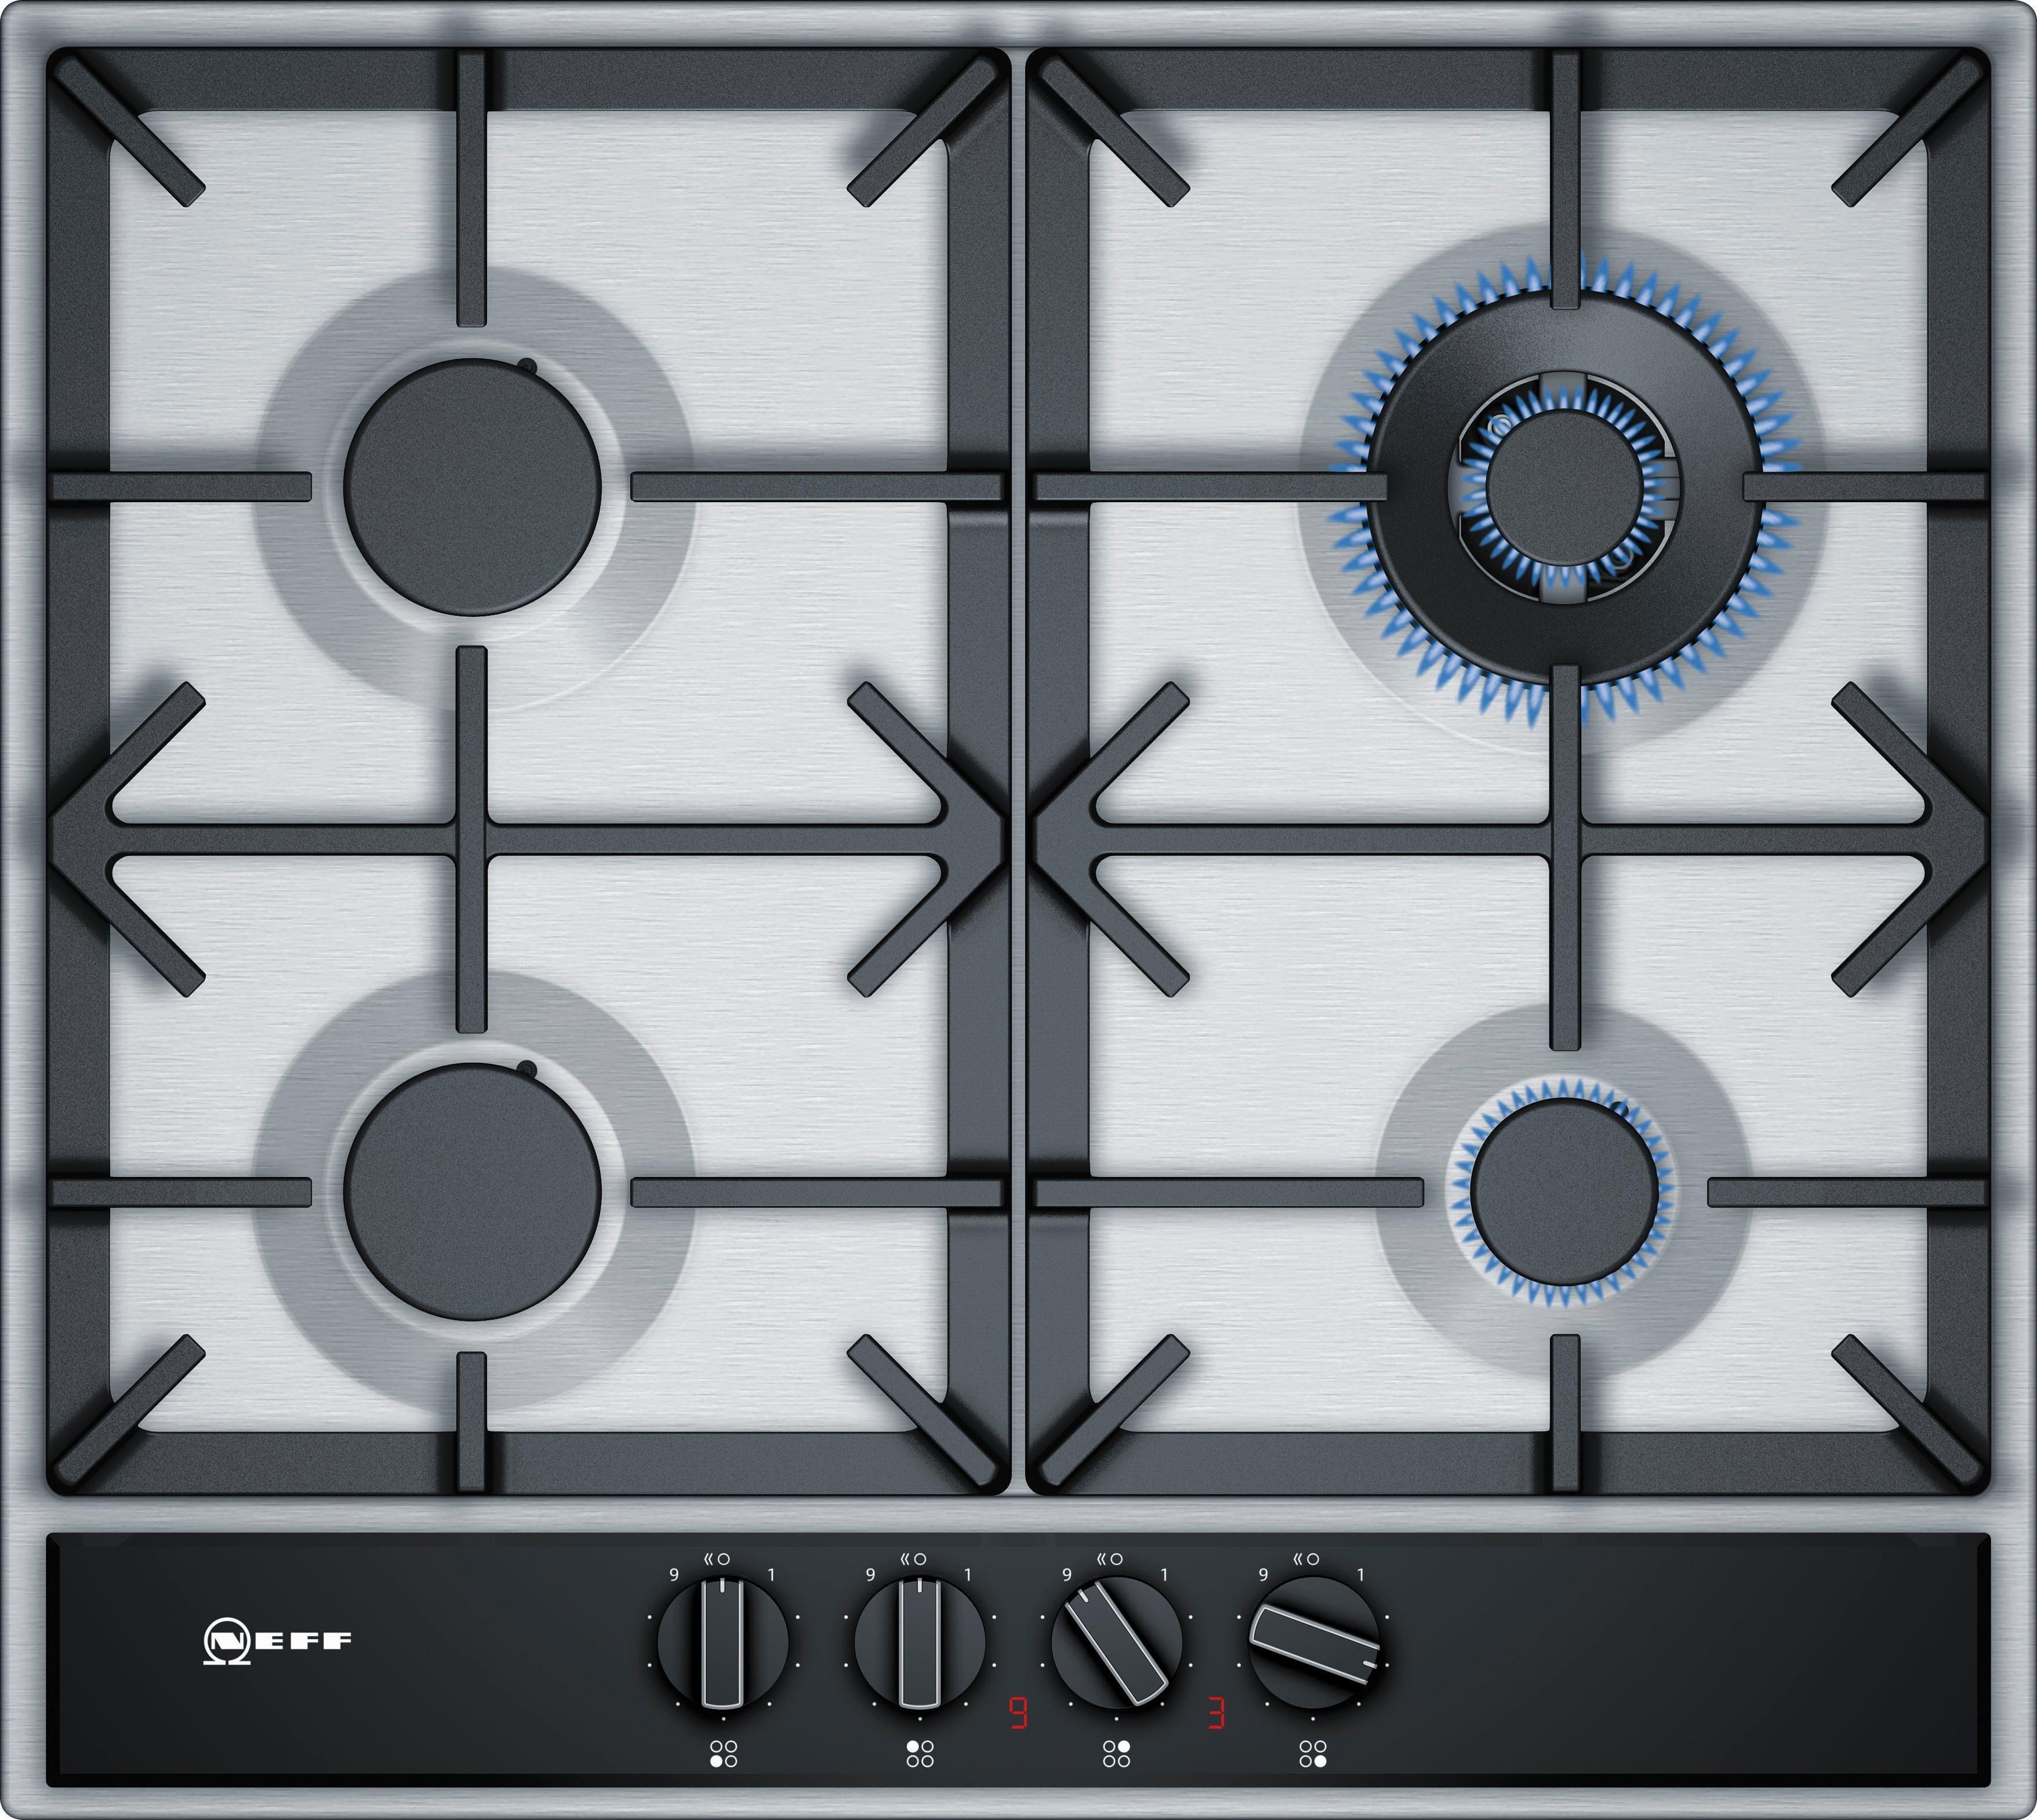 Neff Autarkes Gas-Kochfeld mit integrierten Kochstellenreglern TDA2659N / T26DA59N0D